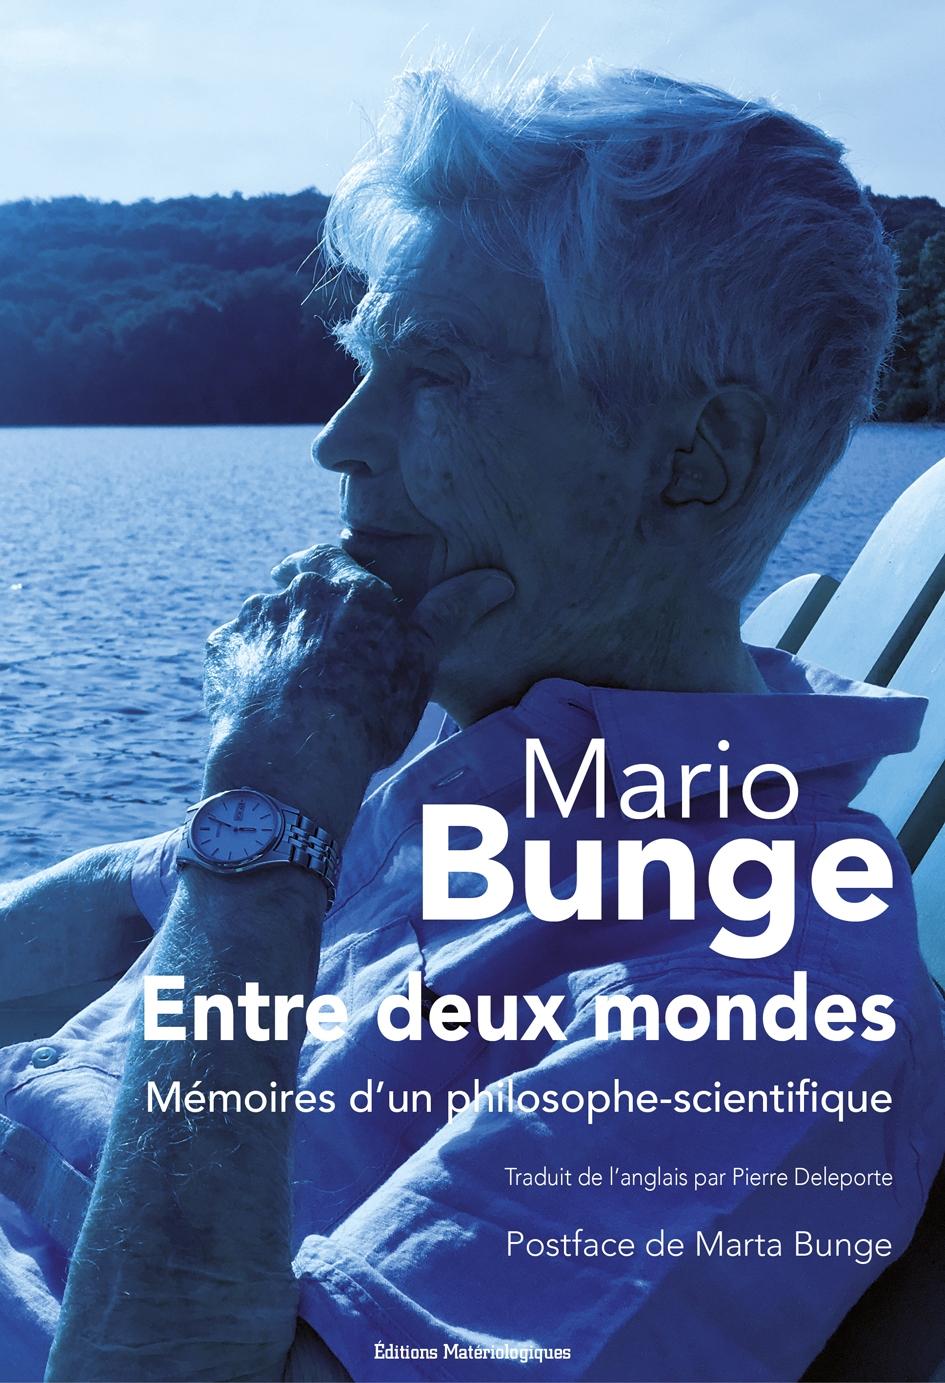 Mémoires d'un philosophe-scientifique - Éditions Matériologiques